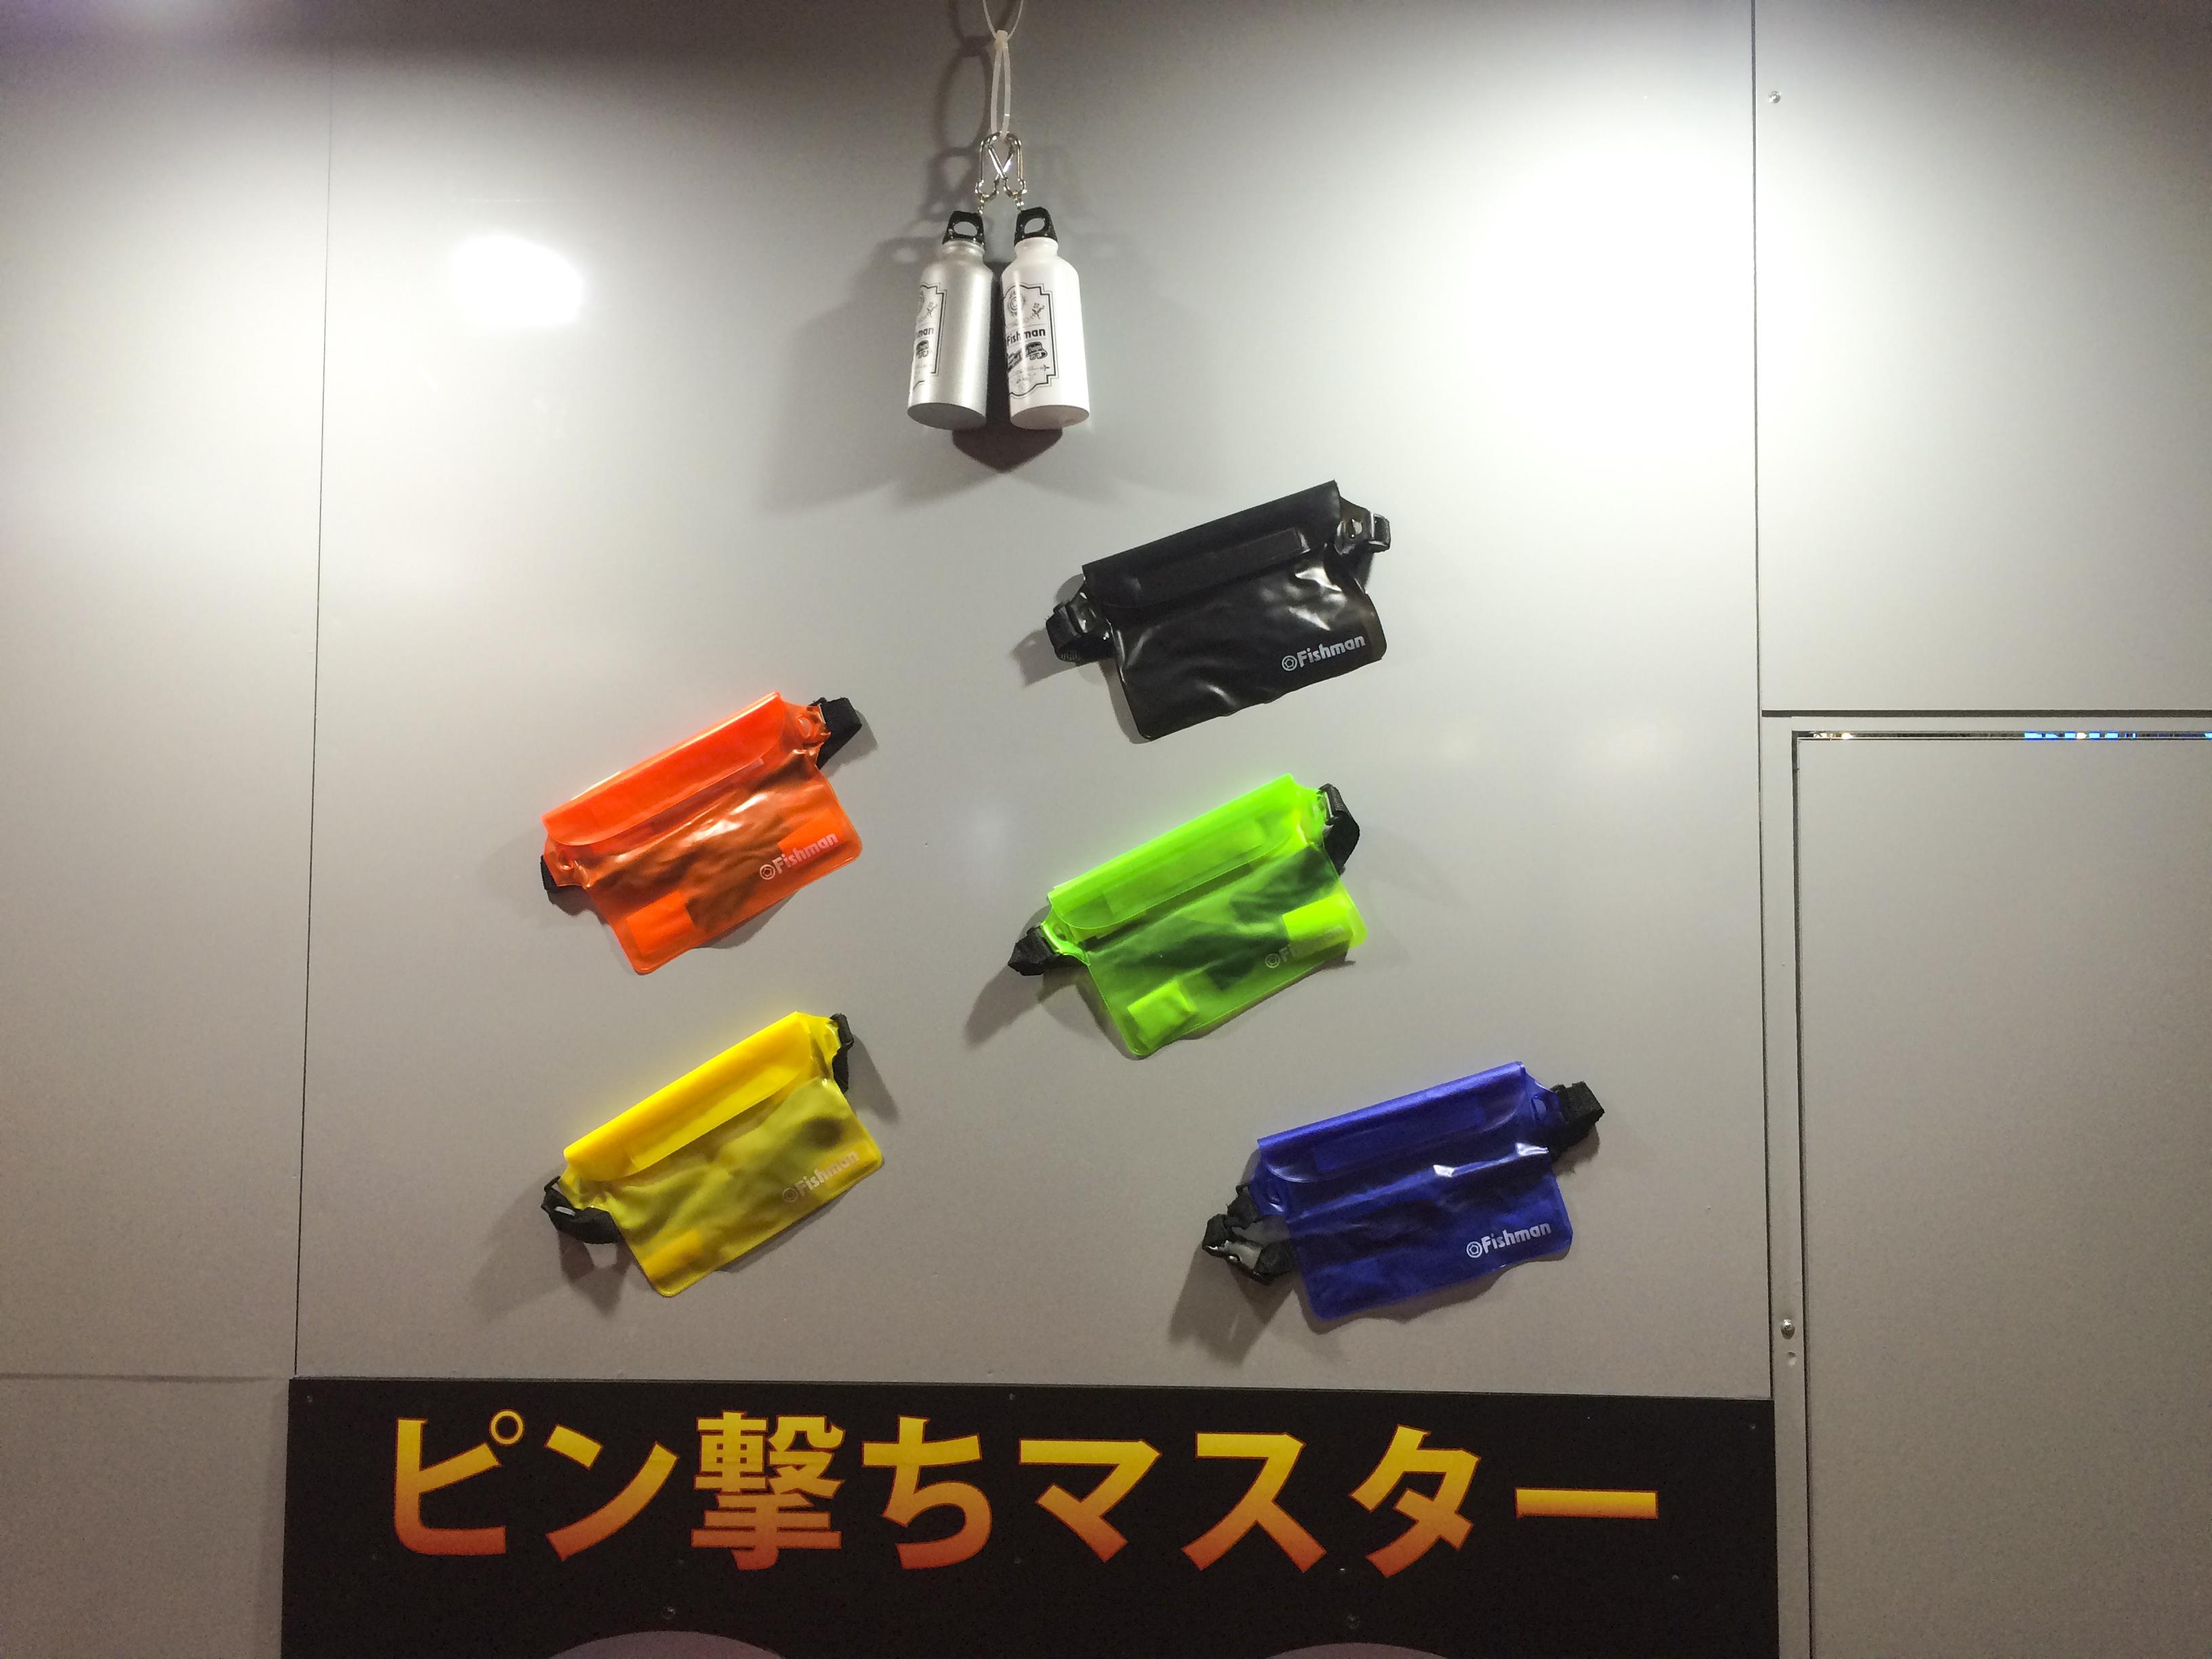 大阪でもピン撃ちマスターを行うのでぜひ挑戦していってください!